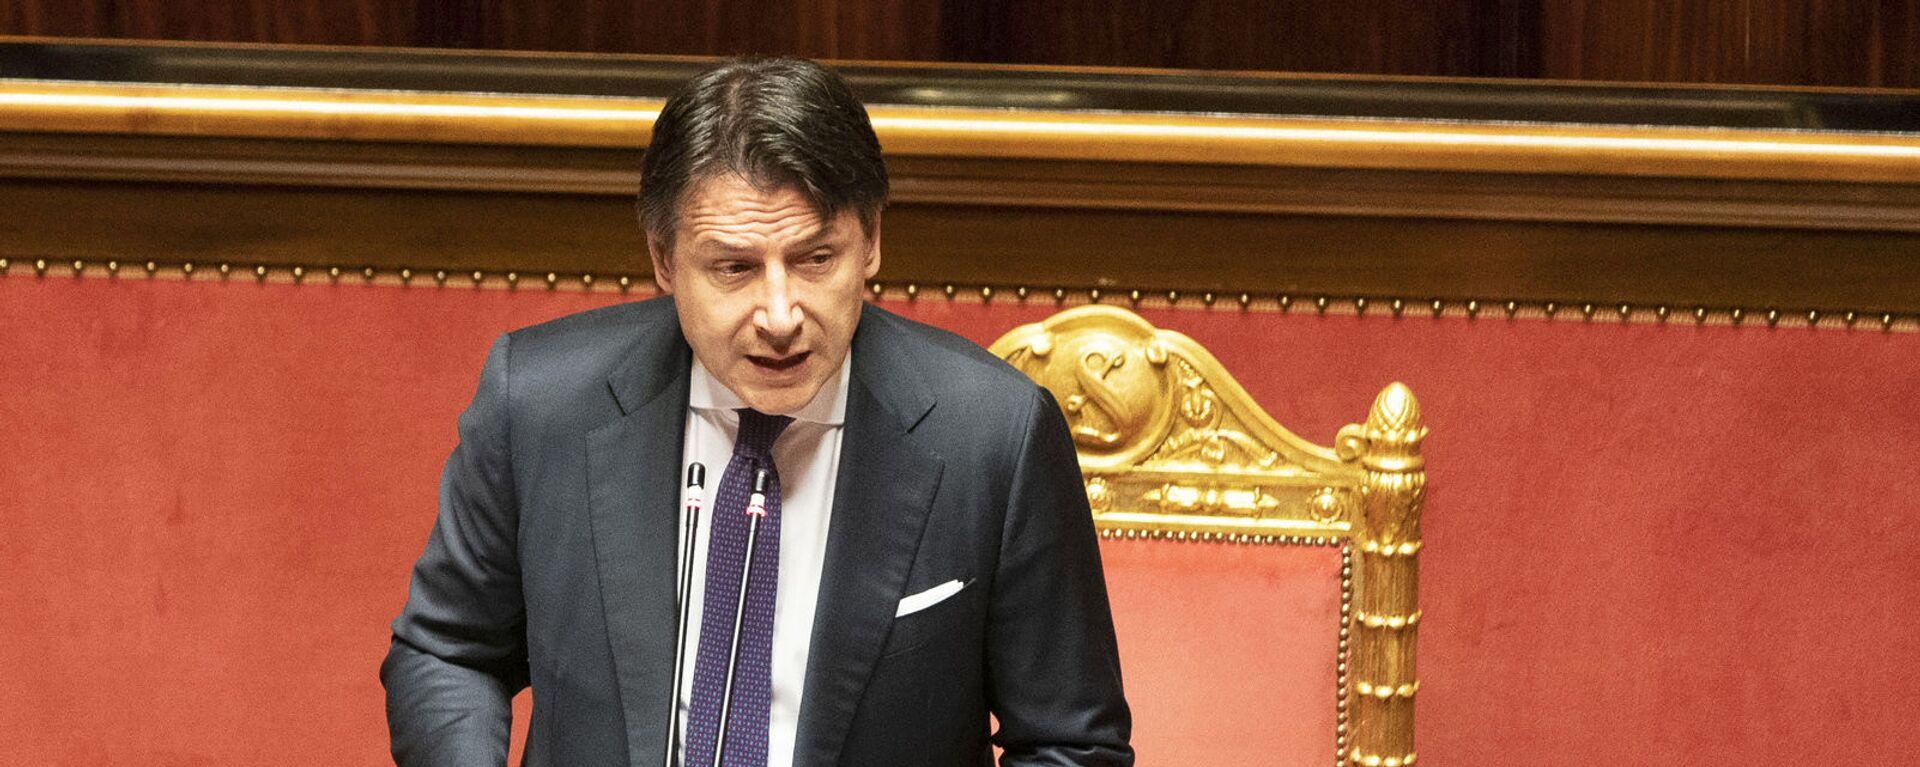 Il Presidente del Consiglio, Giuseppe Conte, in Senato per l'informativa sugli esiti del Consiglio europeo - Sputnik Italia, 1920, 19.08.2021